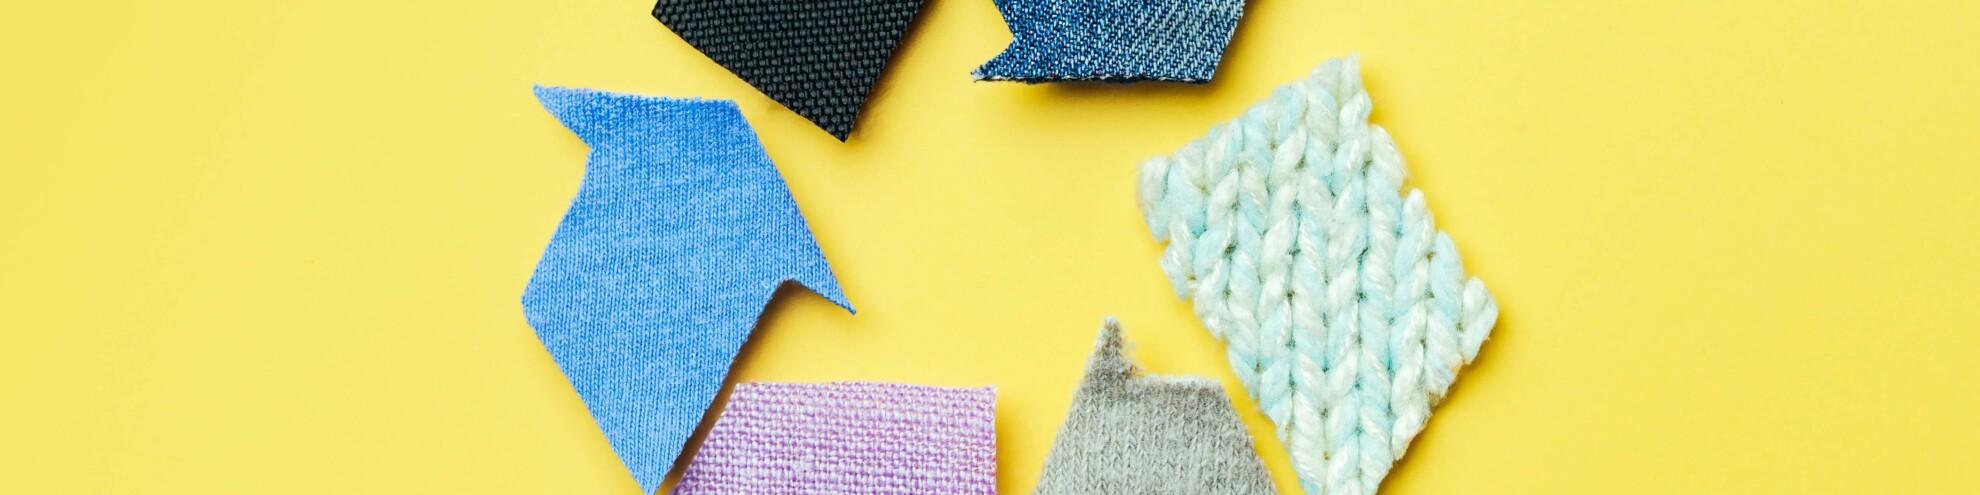 De wetten en regels bij textielverkoop aan consumenten